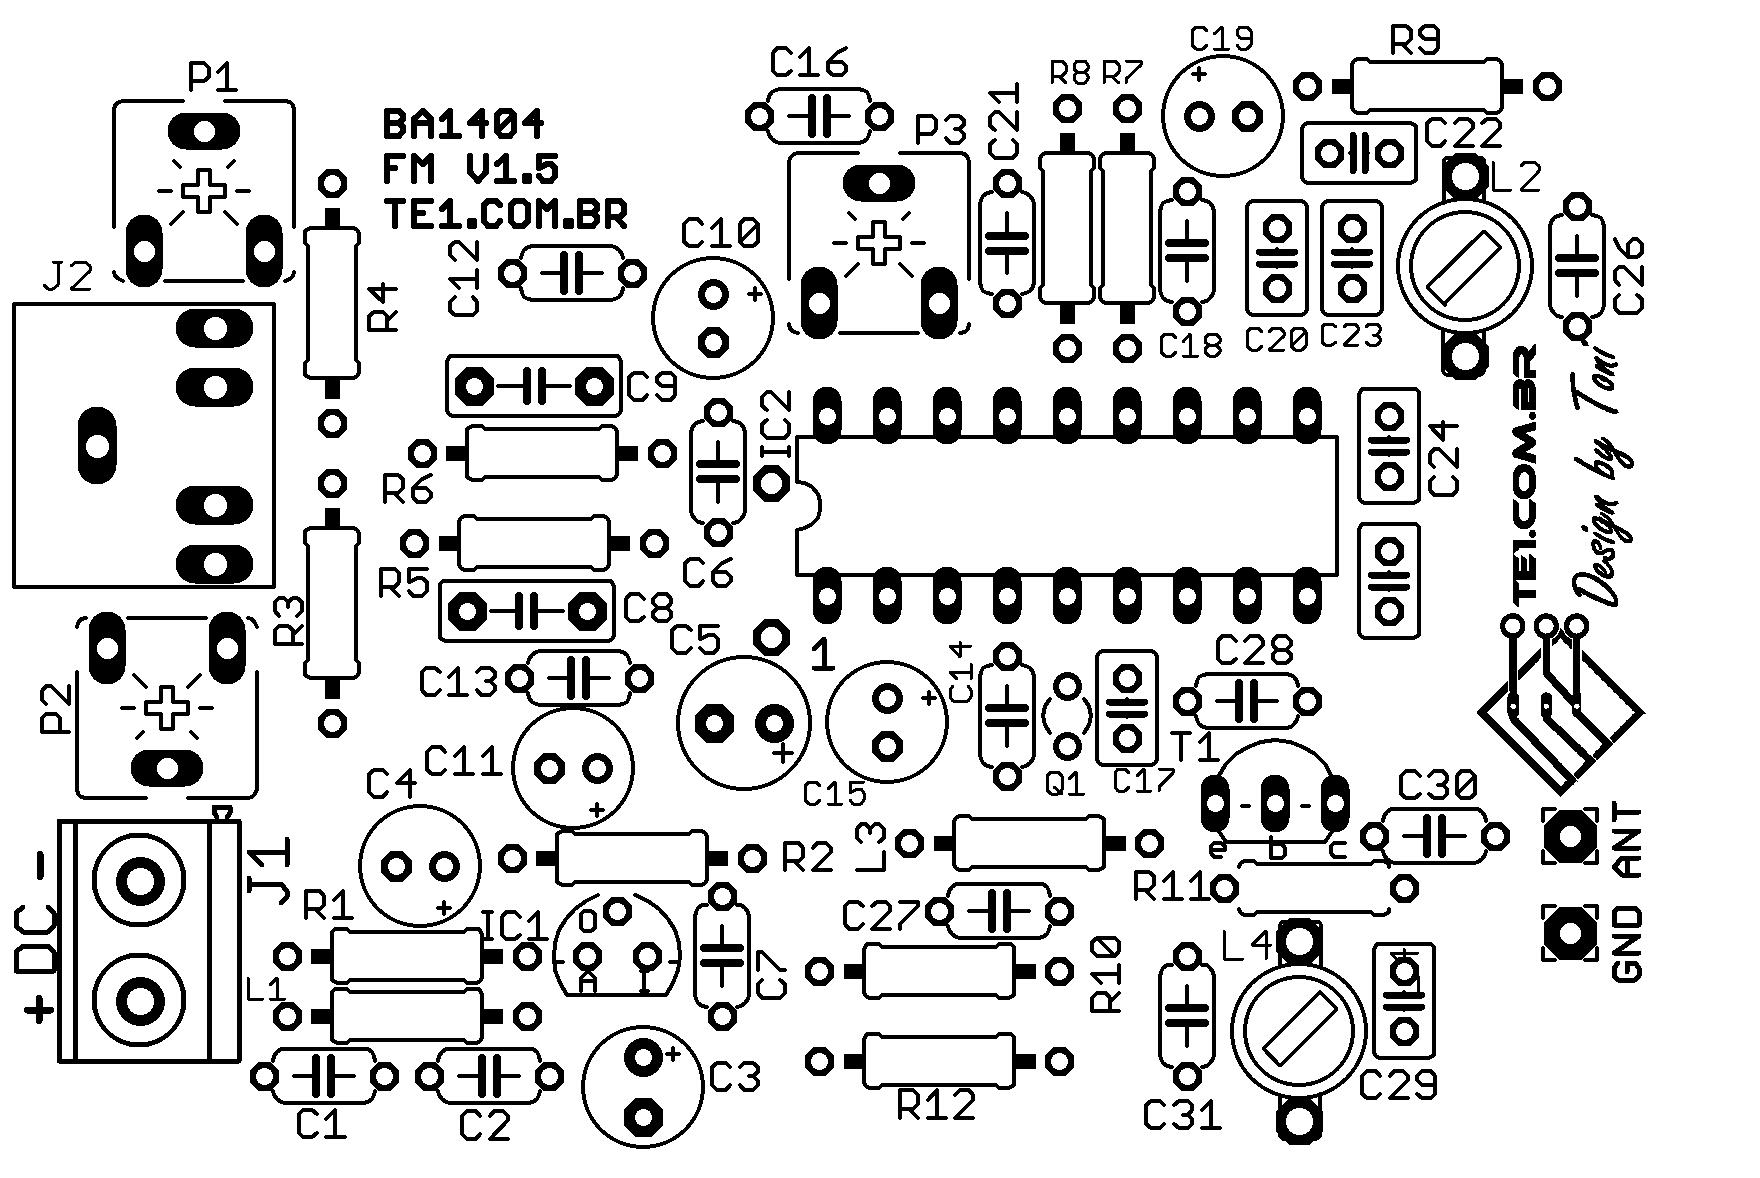 silk transmissor fm ba1404 estereo cristal 38KHZ Circuito de transmissor de FM estéreo com CI Ba1404 amplificado Transmissores Fm Transmissores e RF Transmissores estéreo Circuitos